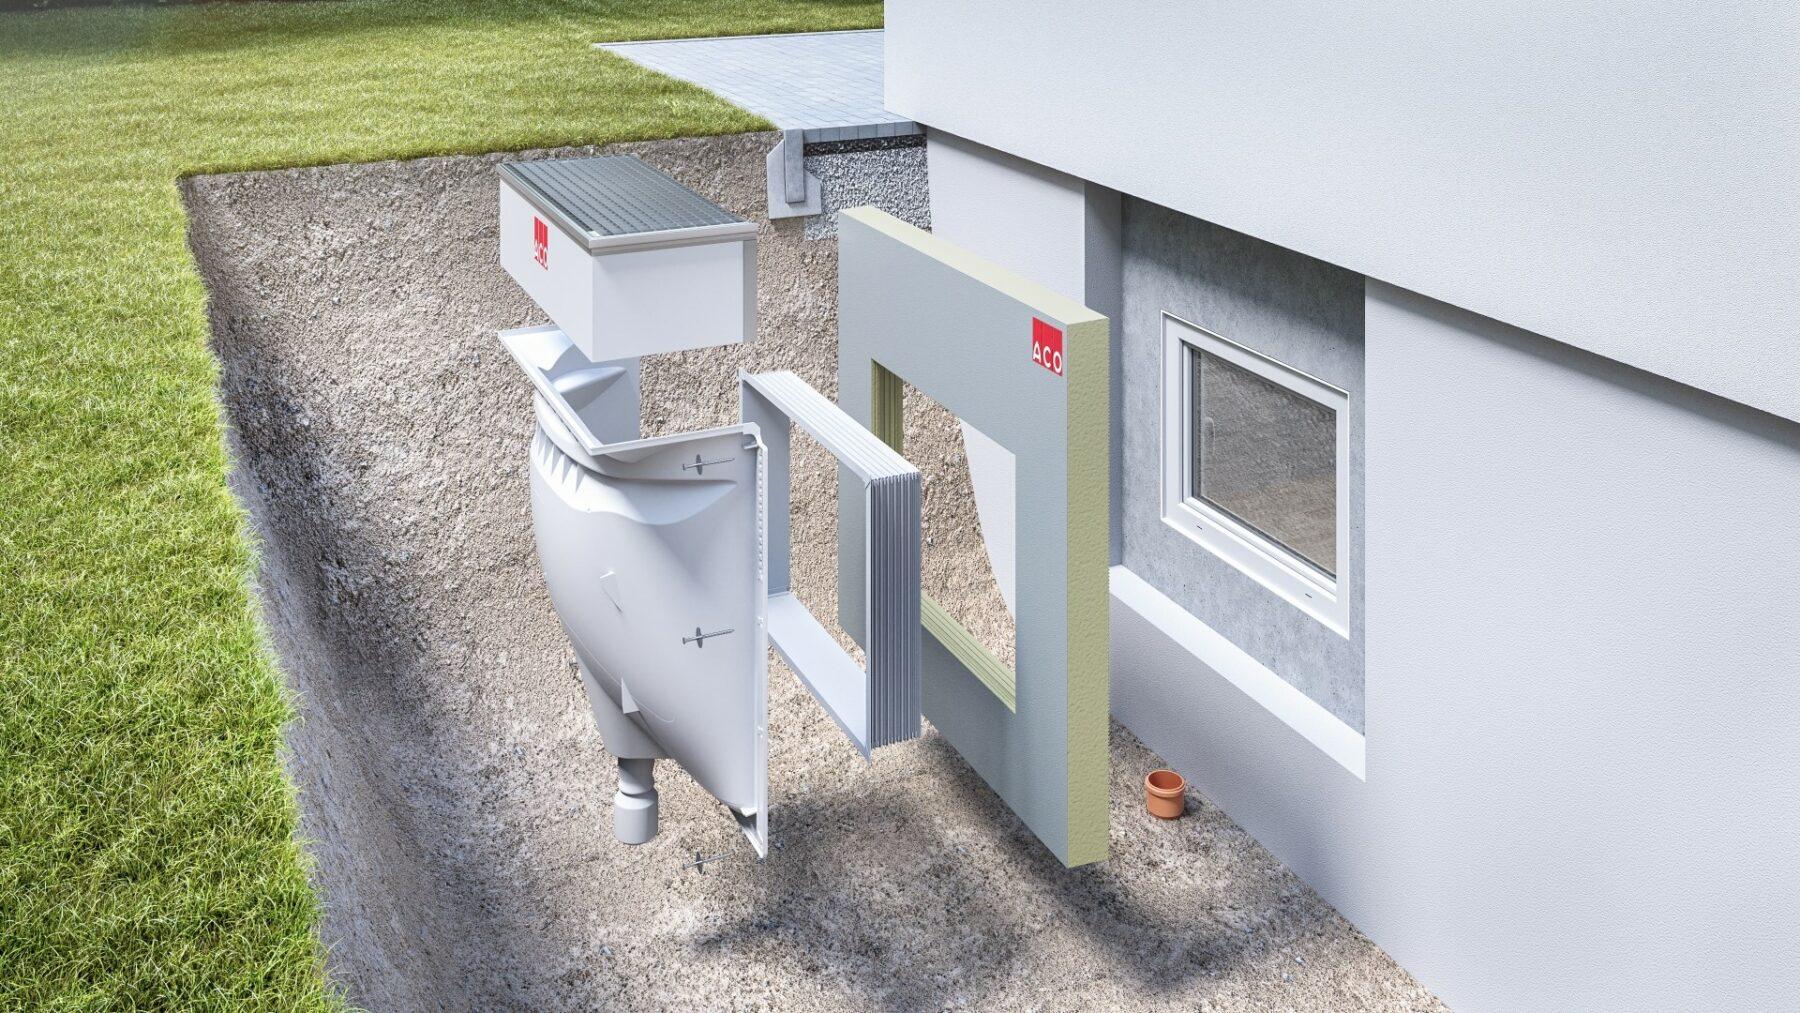 Das Kellerschutzsystem ACO Therm umfasst Fenster, Lichtschächte, Dämmungen und Rückstausicherungen. Foto: ACO